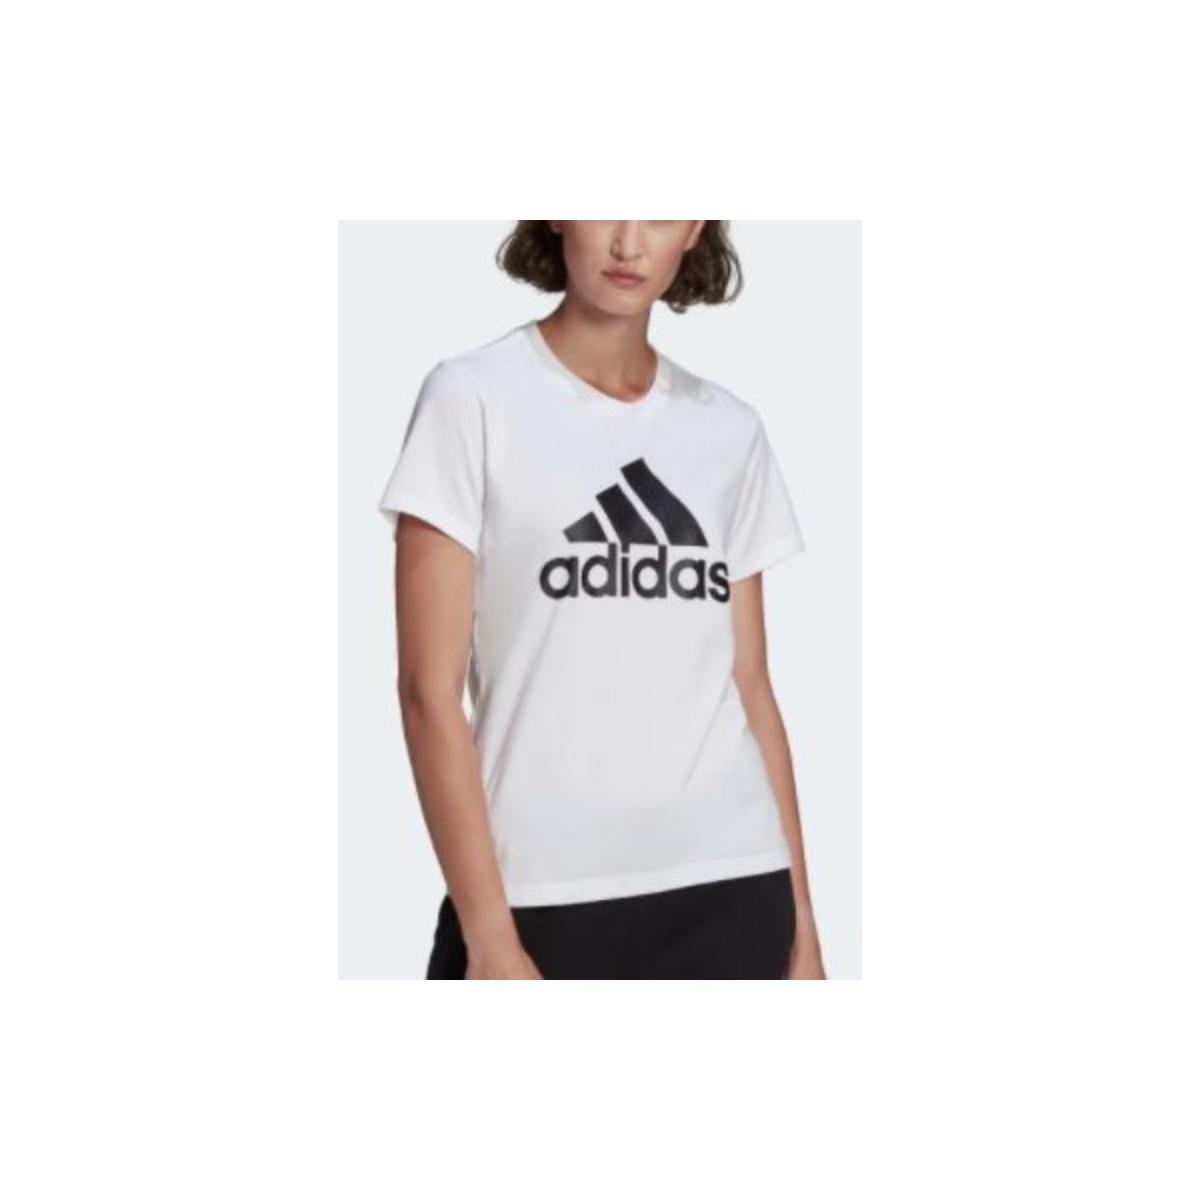 T-shirt Feminino Adidas Gl0649 Logo  Branco